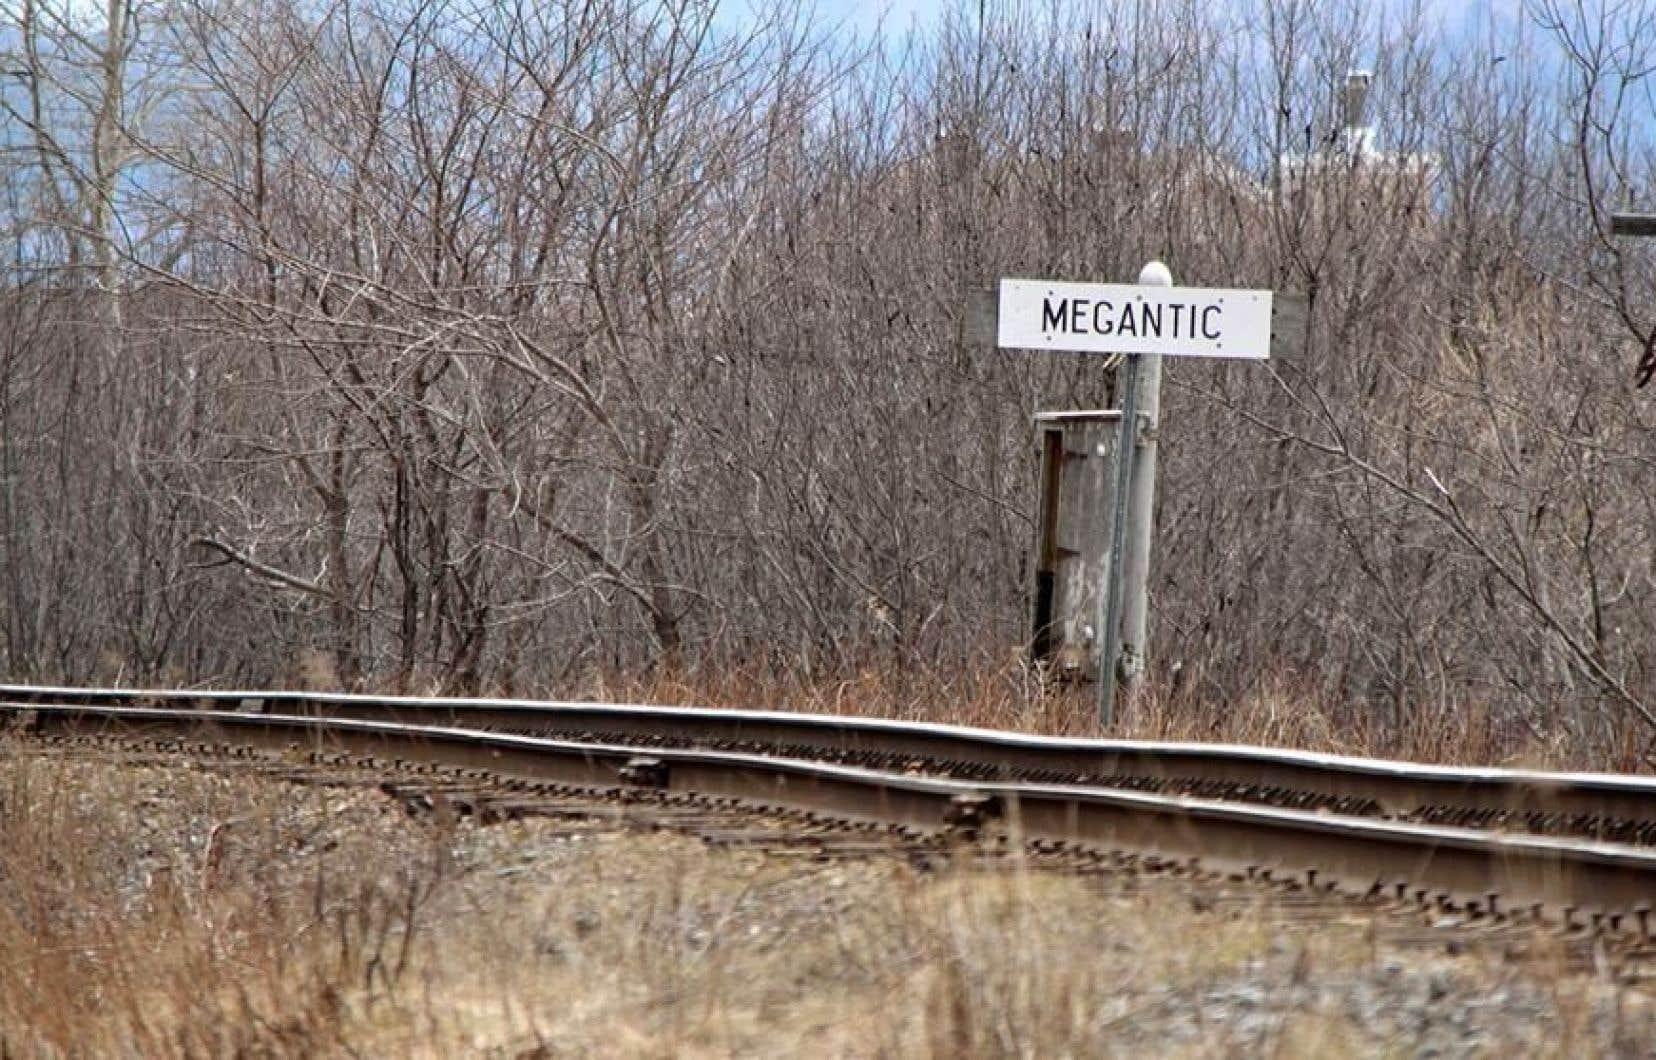 Le printemps dernier, presque deux ans après la catastrophe ferroviaire, Robert Bellefleur a constaté et documenté l'«état lamentable» dans lequel se trouve la voie située à deux pas de chez lui.